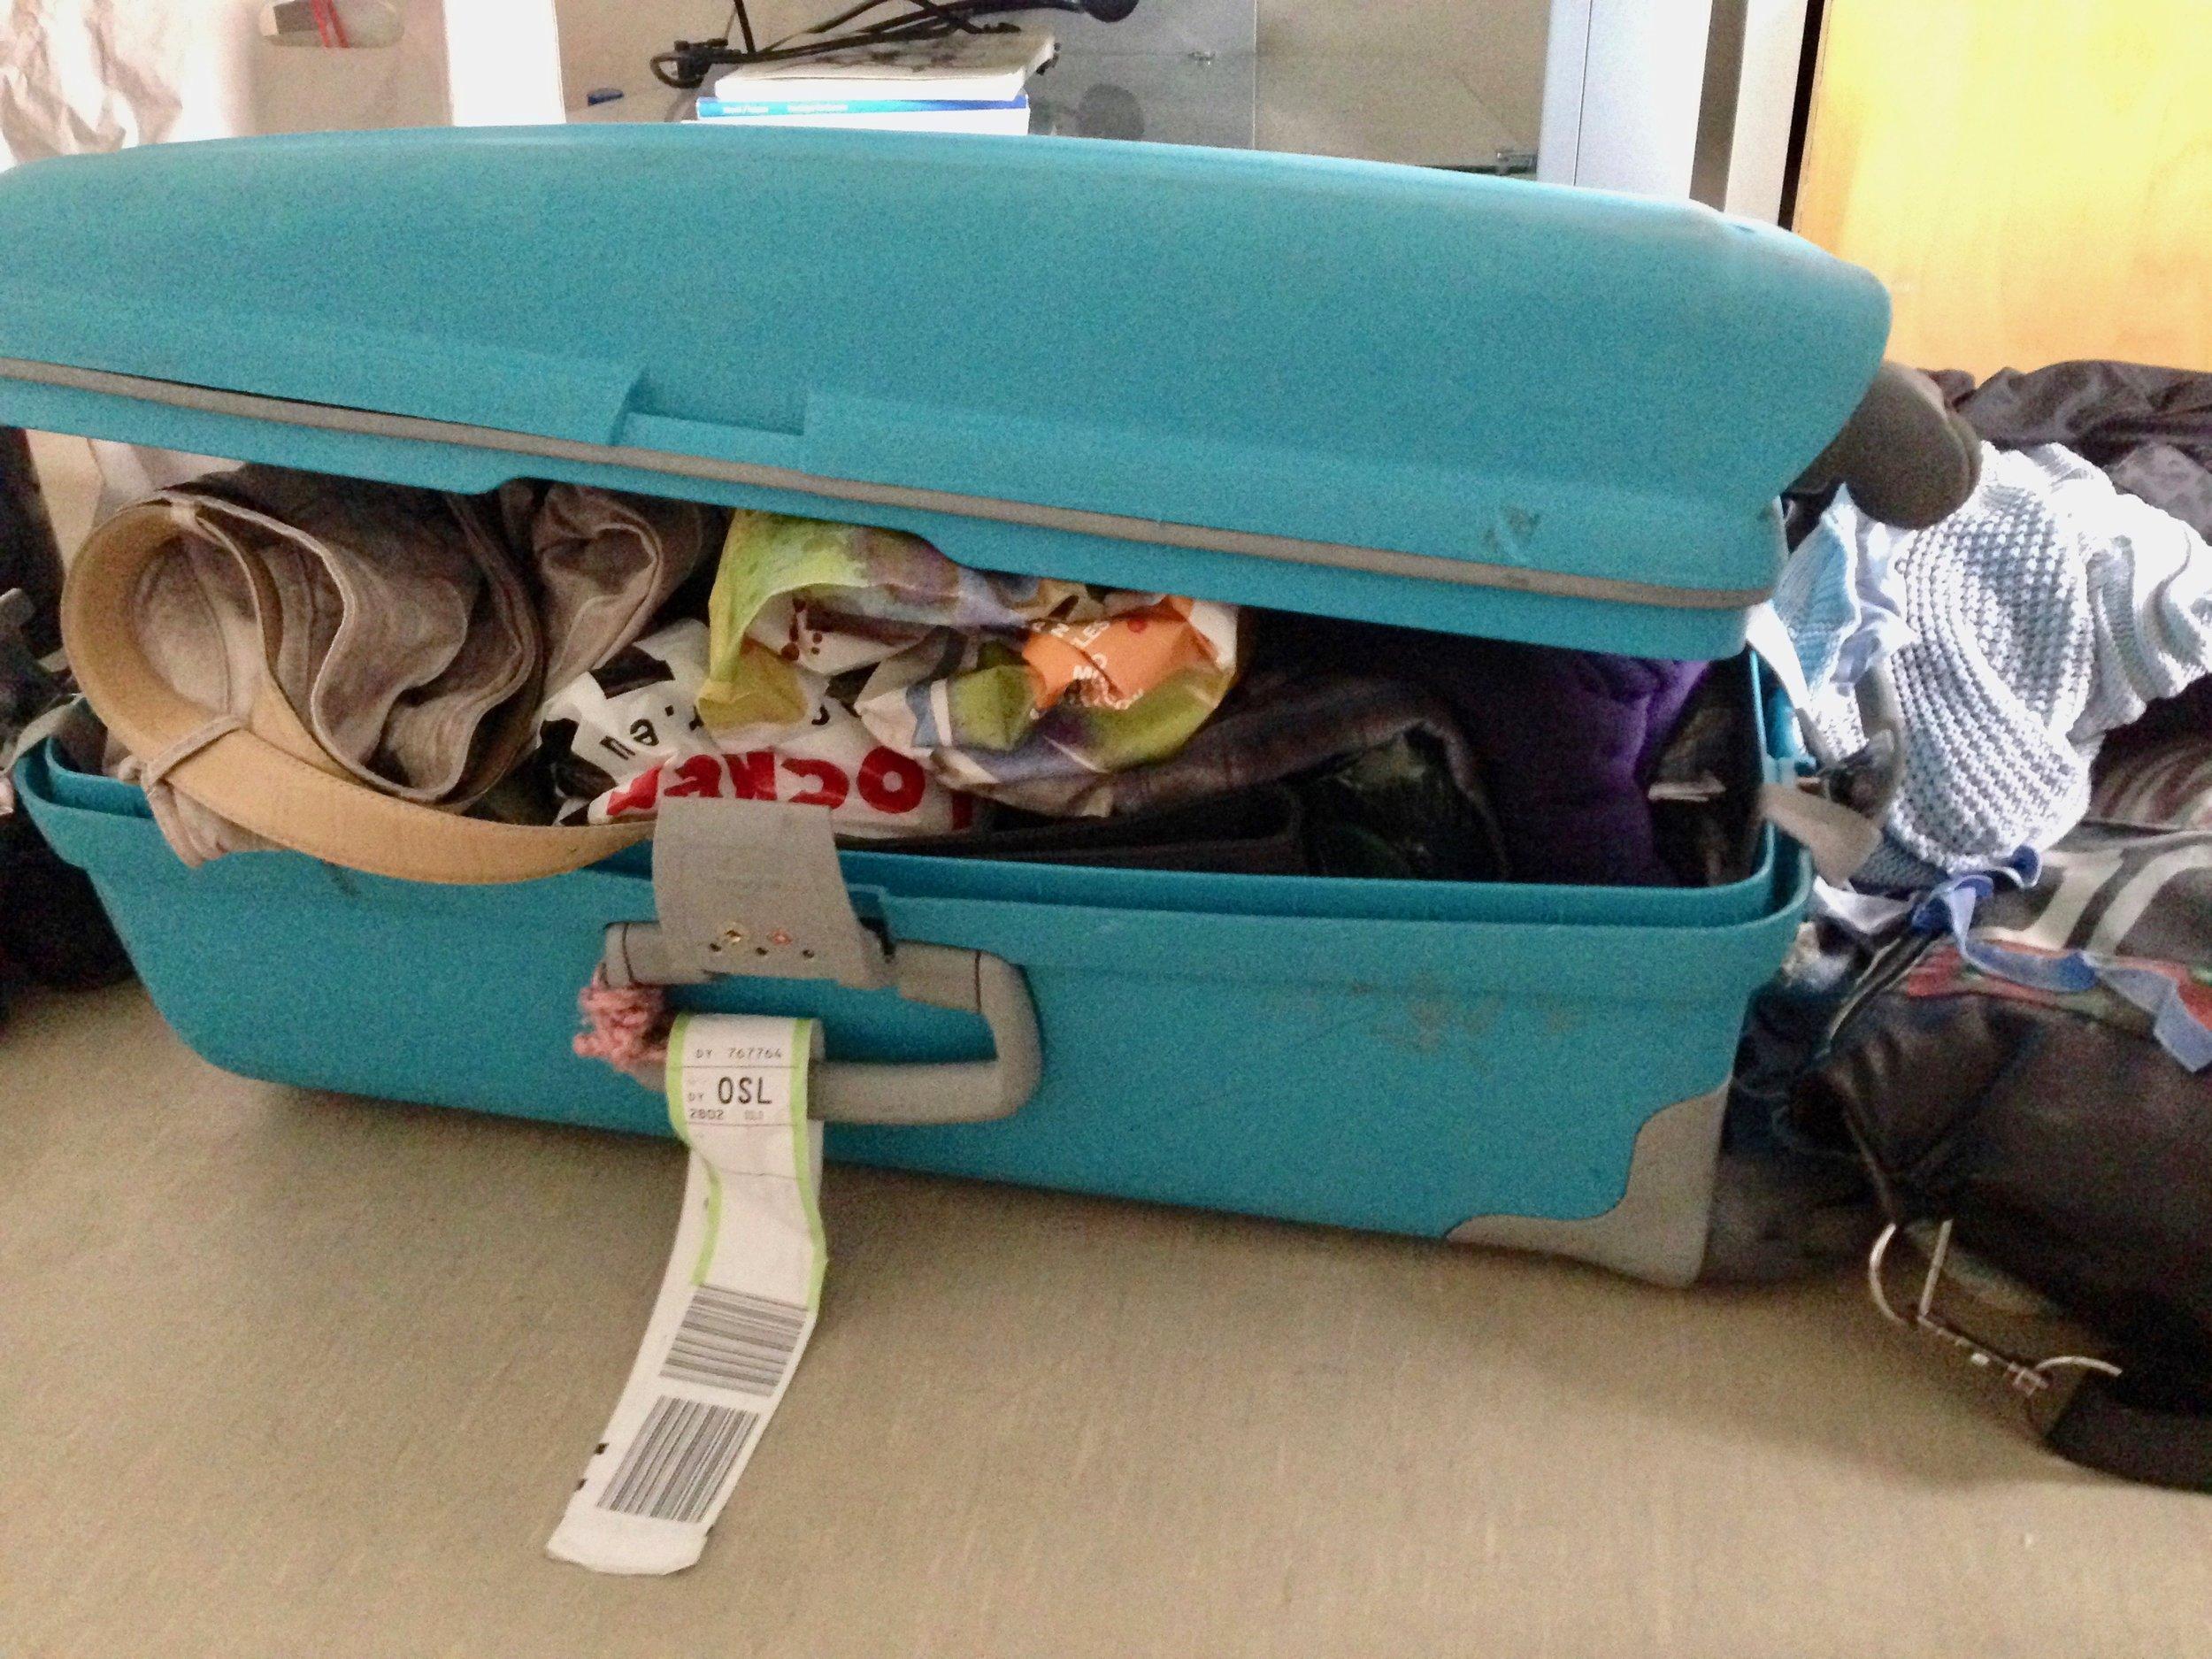 Ser kofferten din slik ut når du skal reise hjem? Det finnes heldigvis råd. Foto: Odd Roar Lange